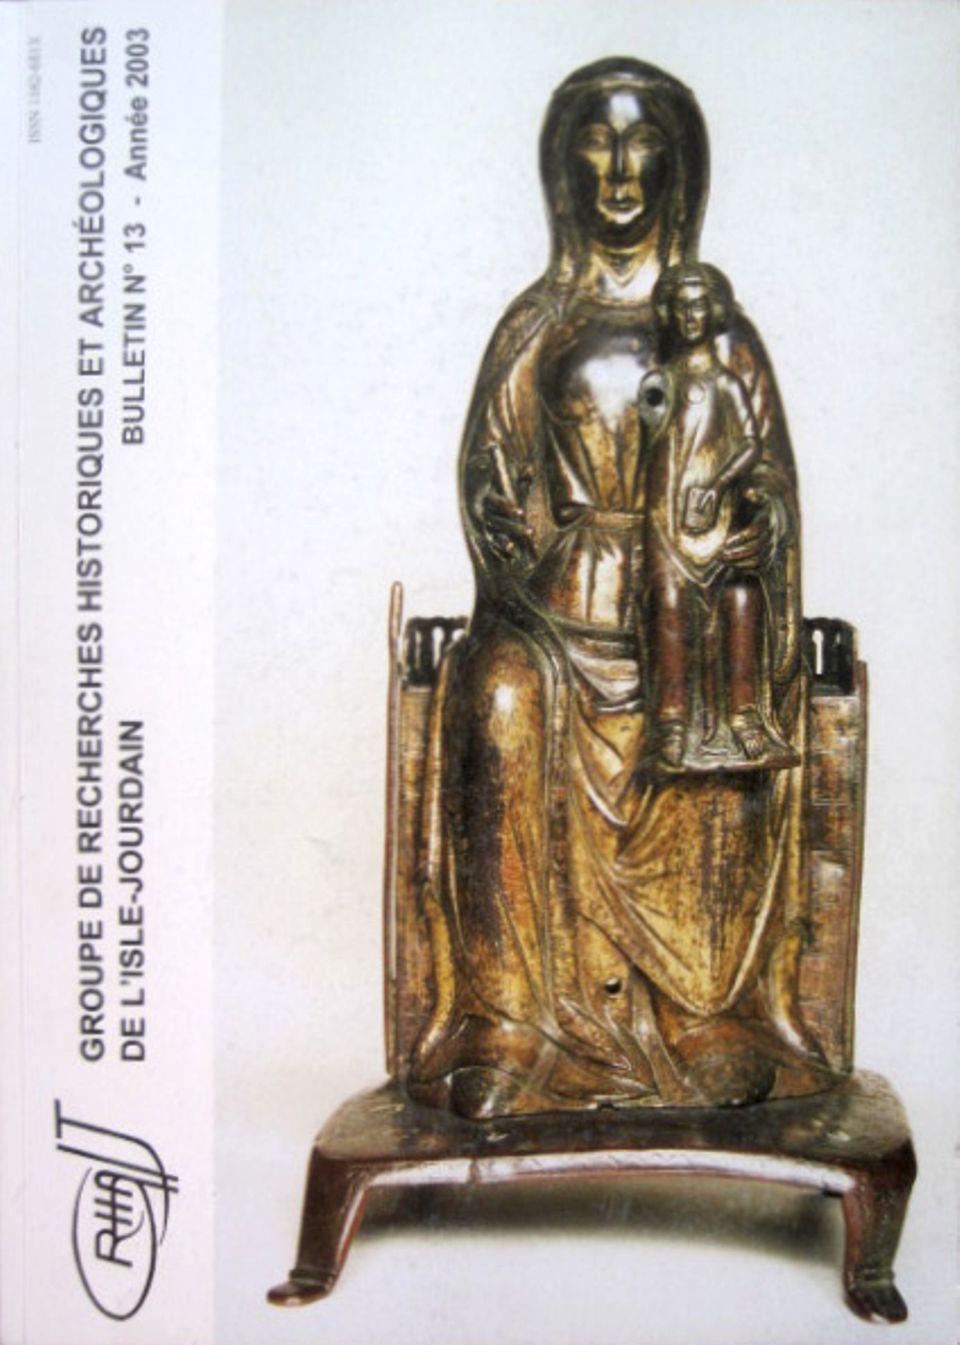 Bulletin du GRHAIJ, Bulletin n°13 - 2003,